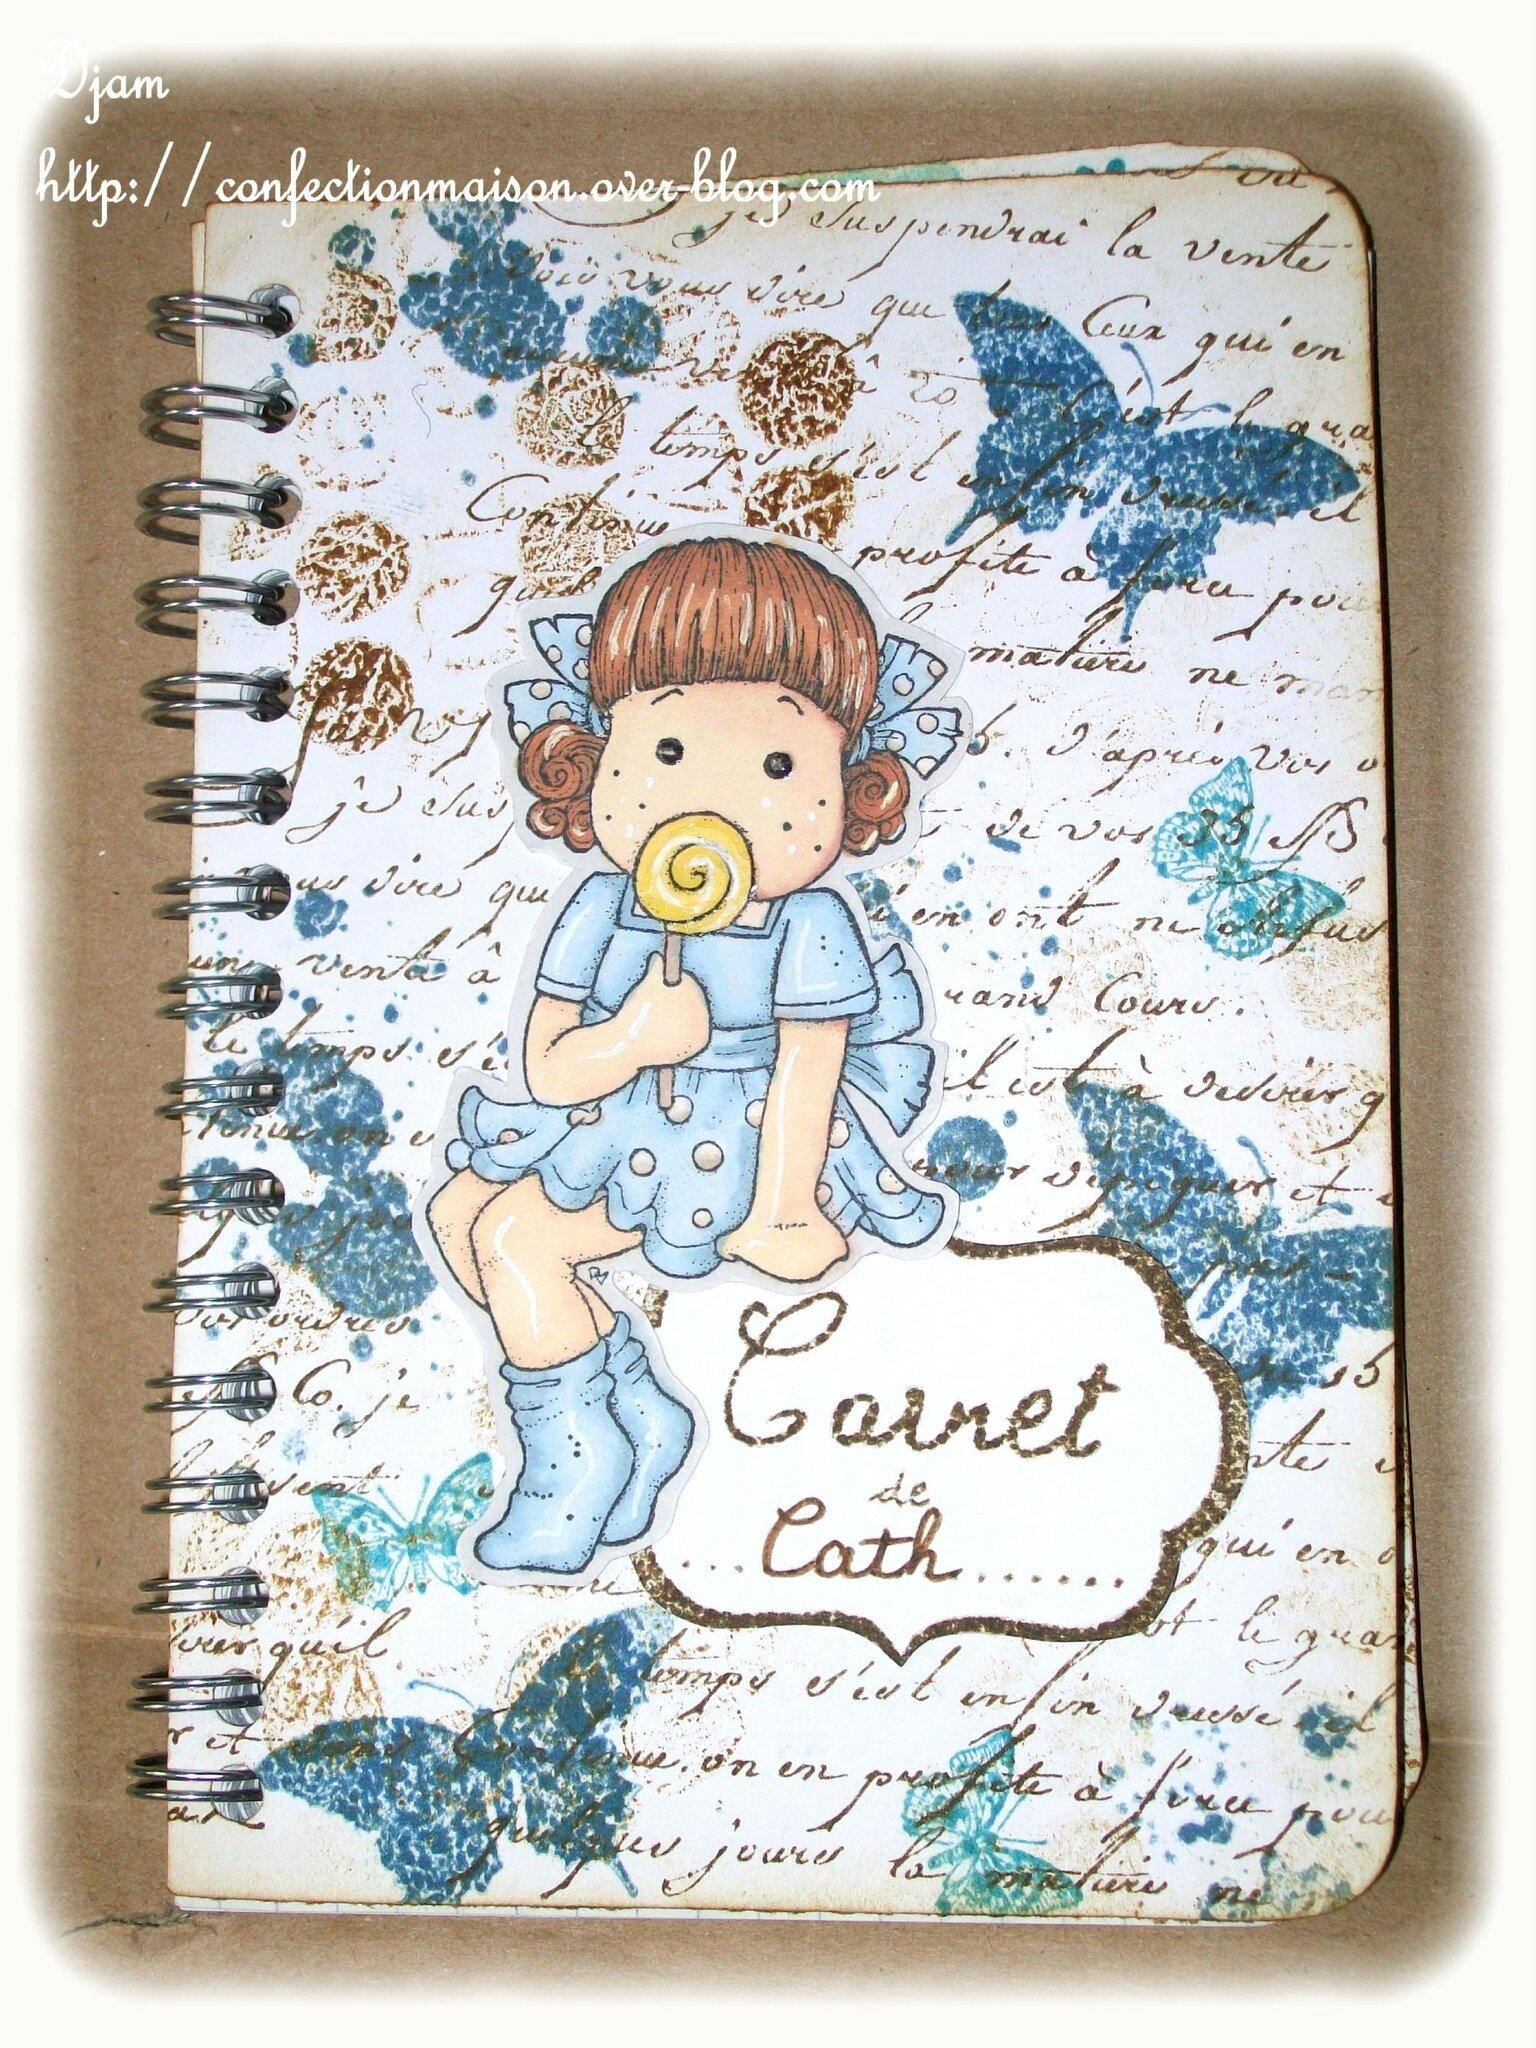 http://storage.canalblog.com/68/79/52086/76713616_o.jpg